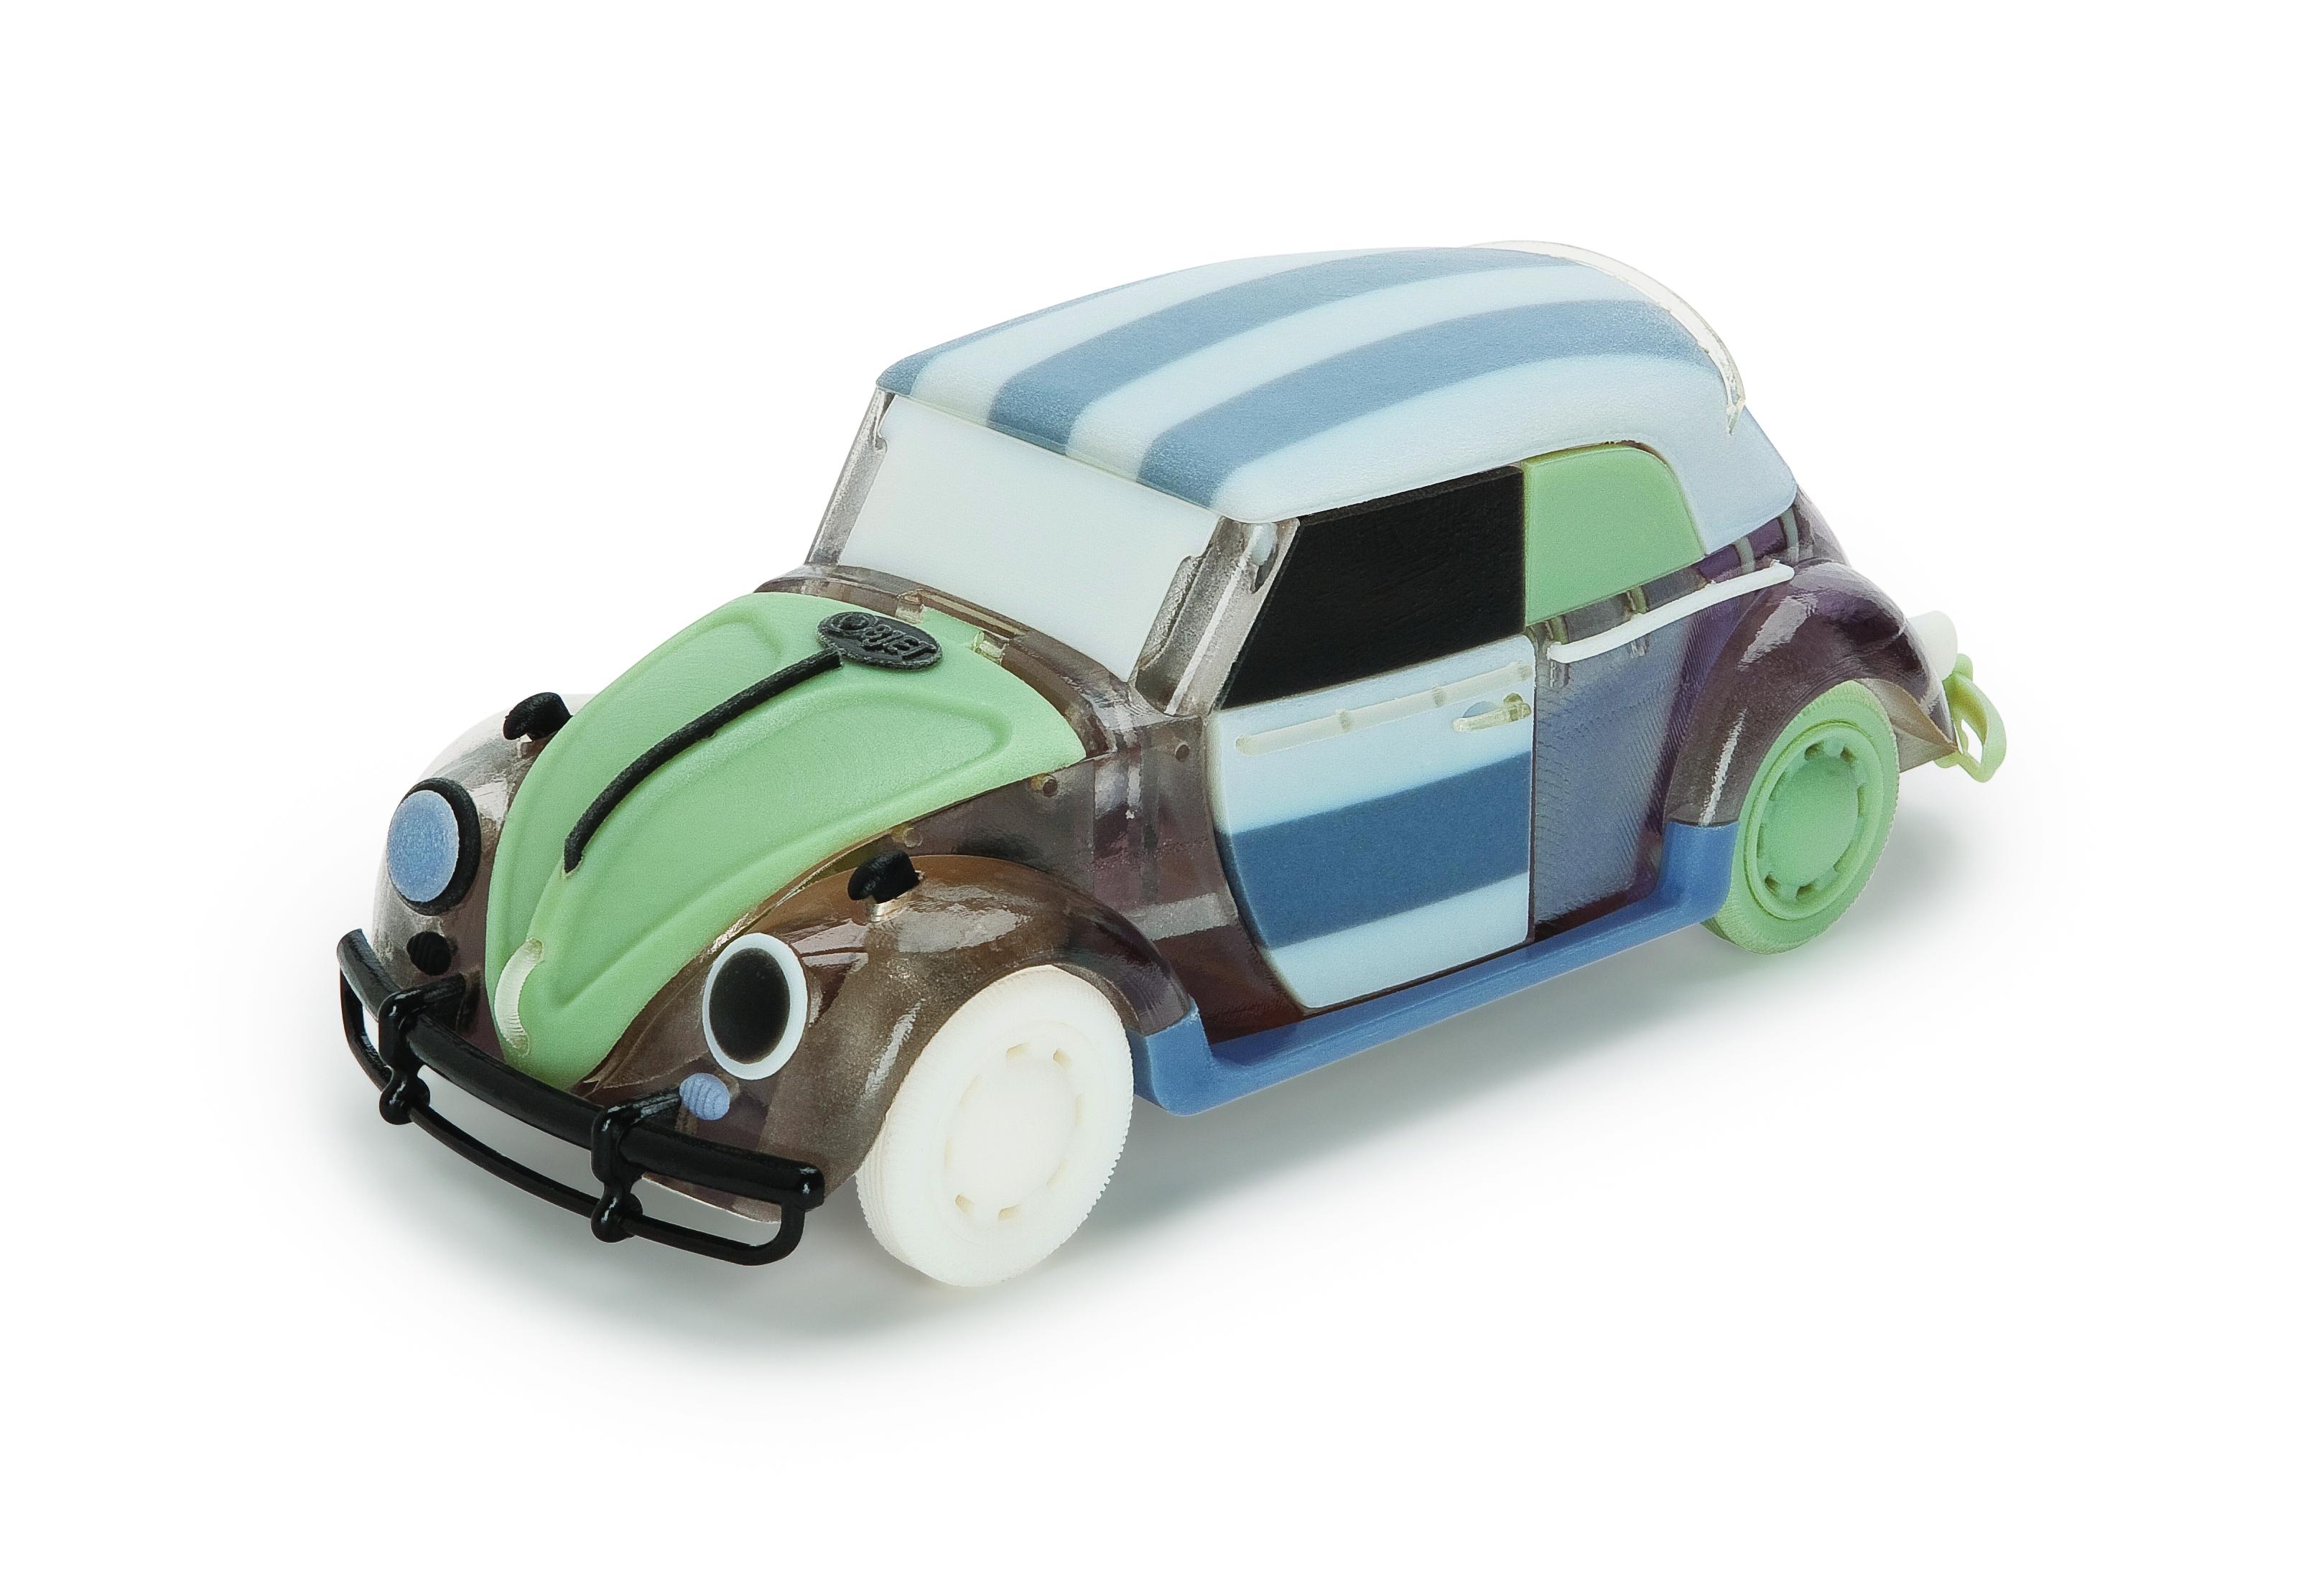 /c/l/f/Multi_Material_3D_Printed_Car_Model_3.jpg